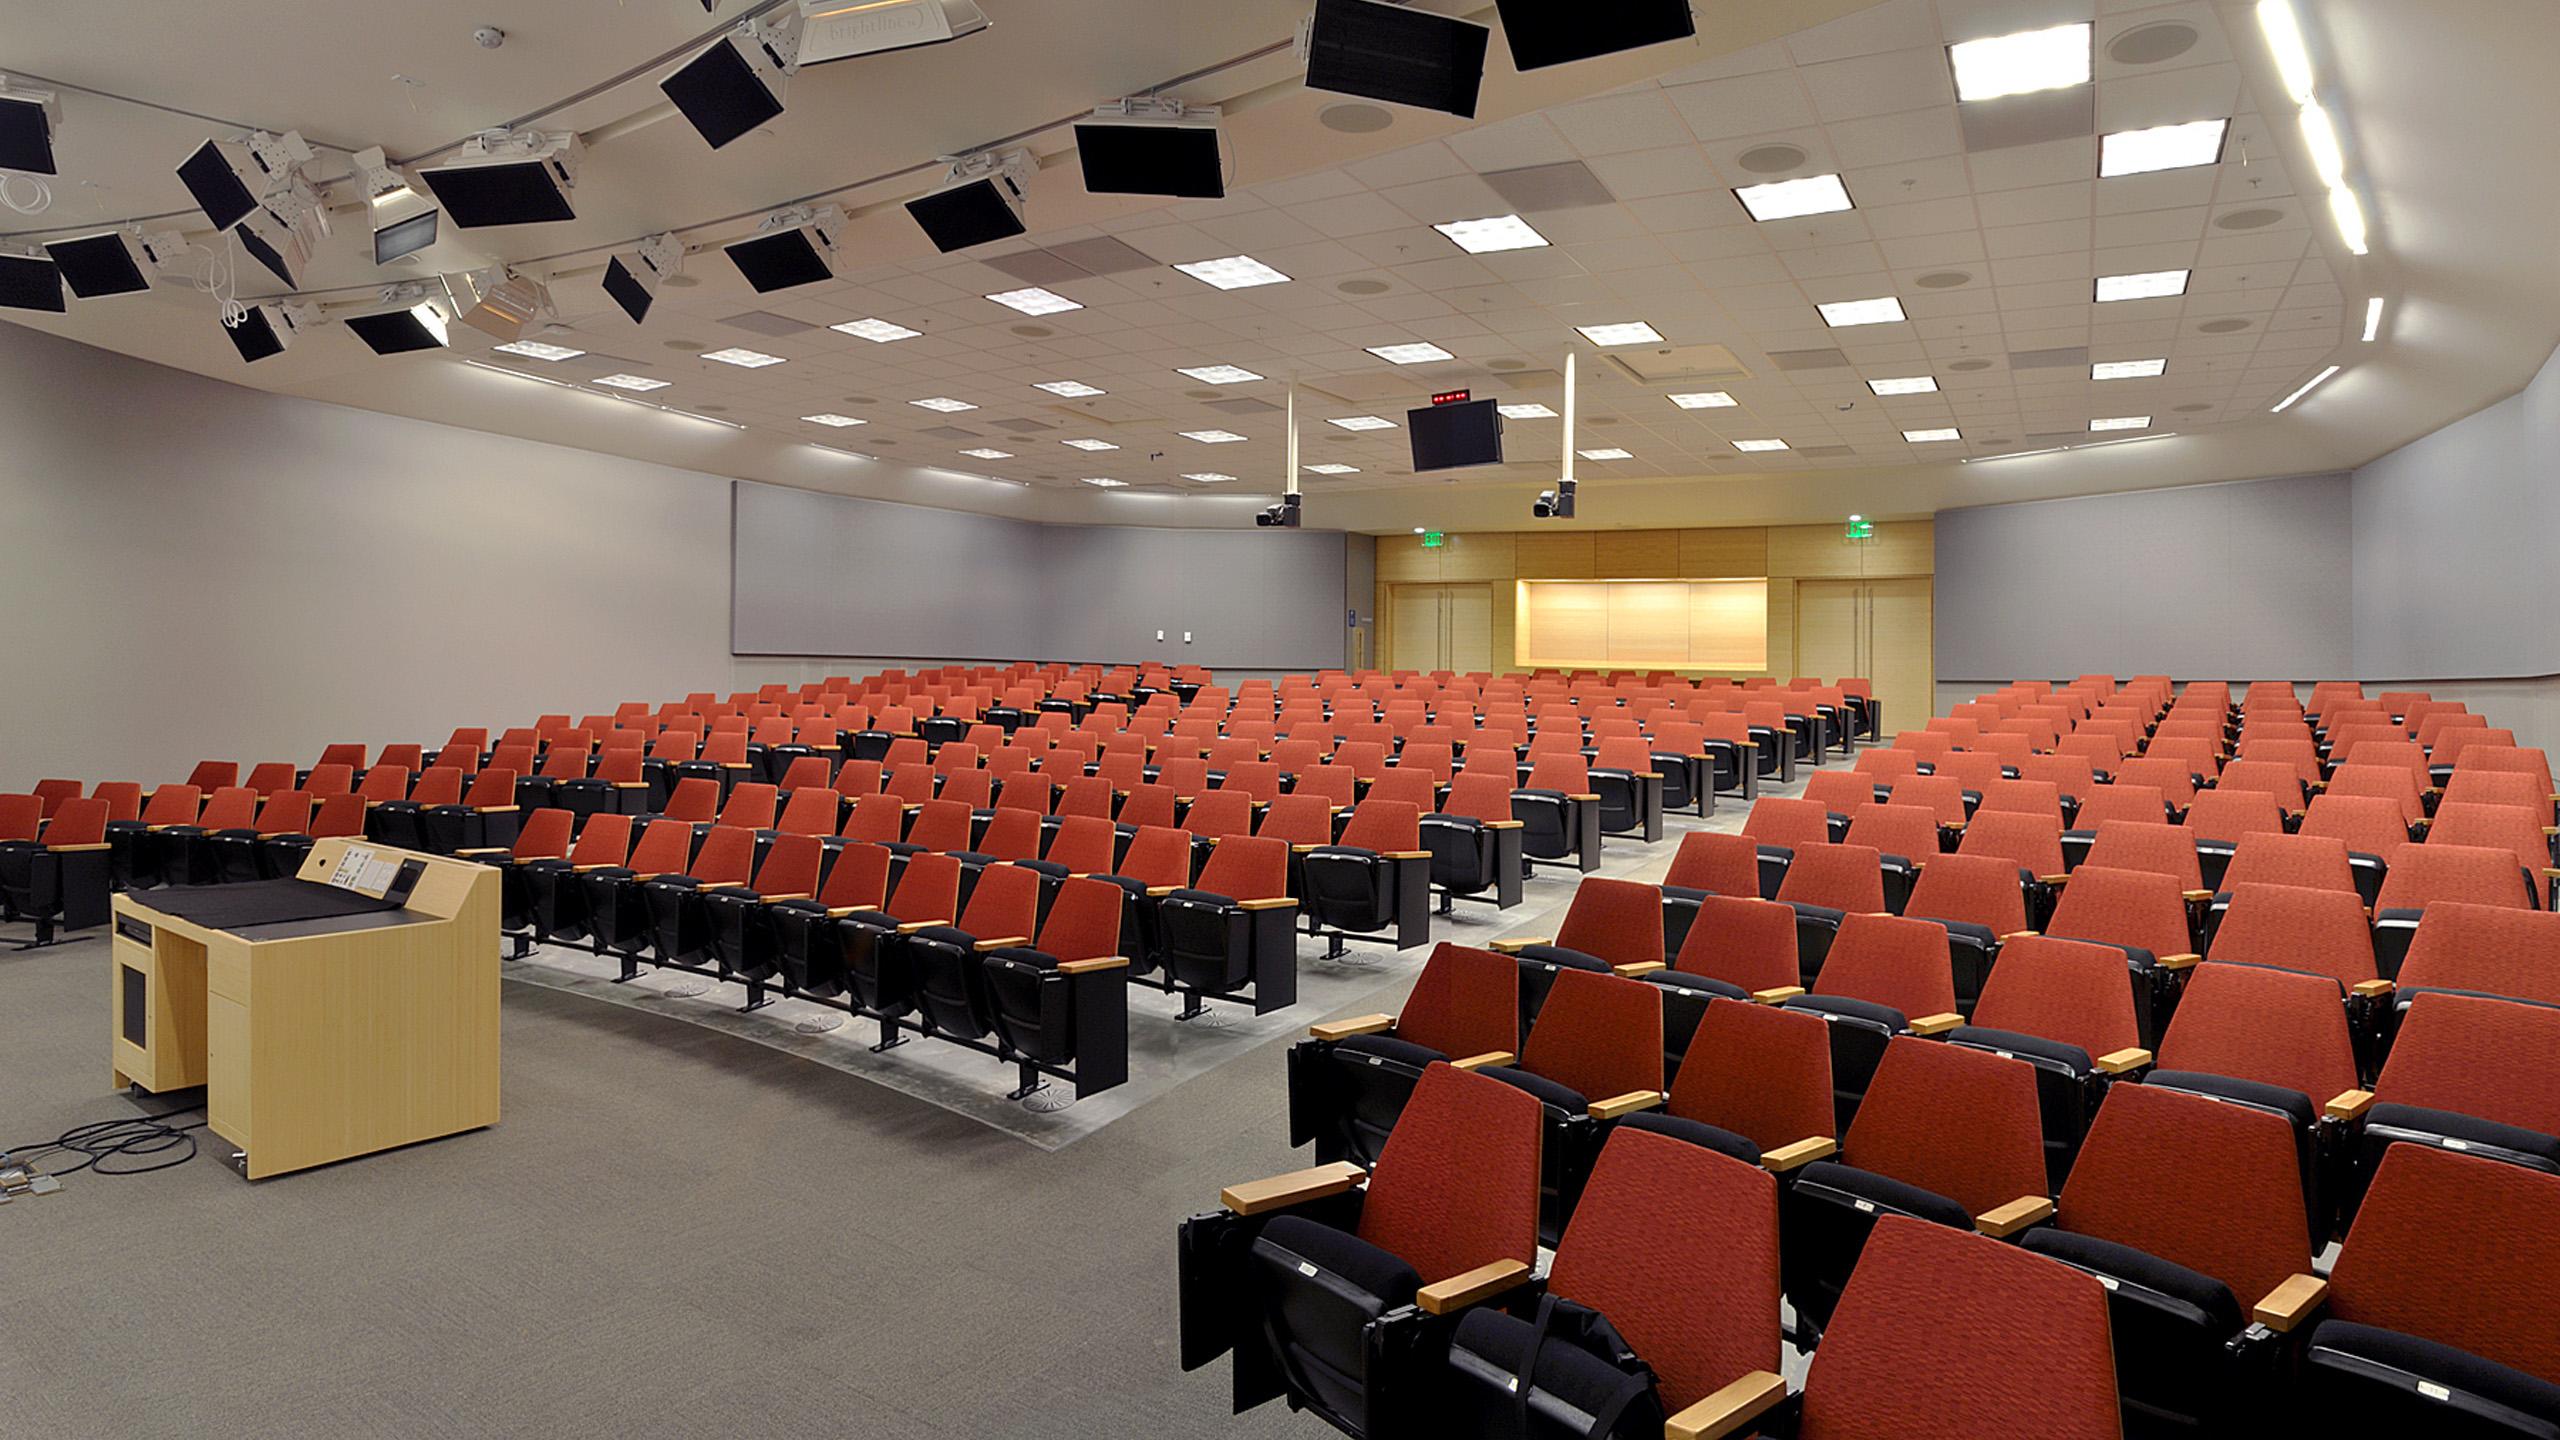 Jen-Hsun Huang Engineering Center at Stanford University / image 12